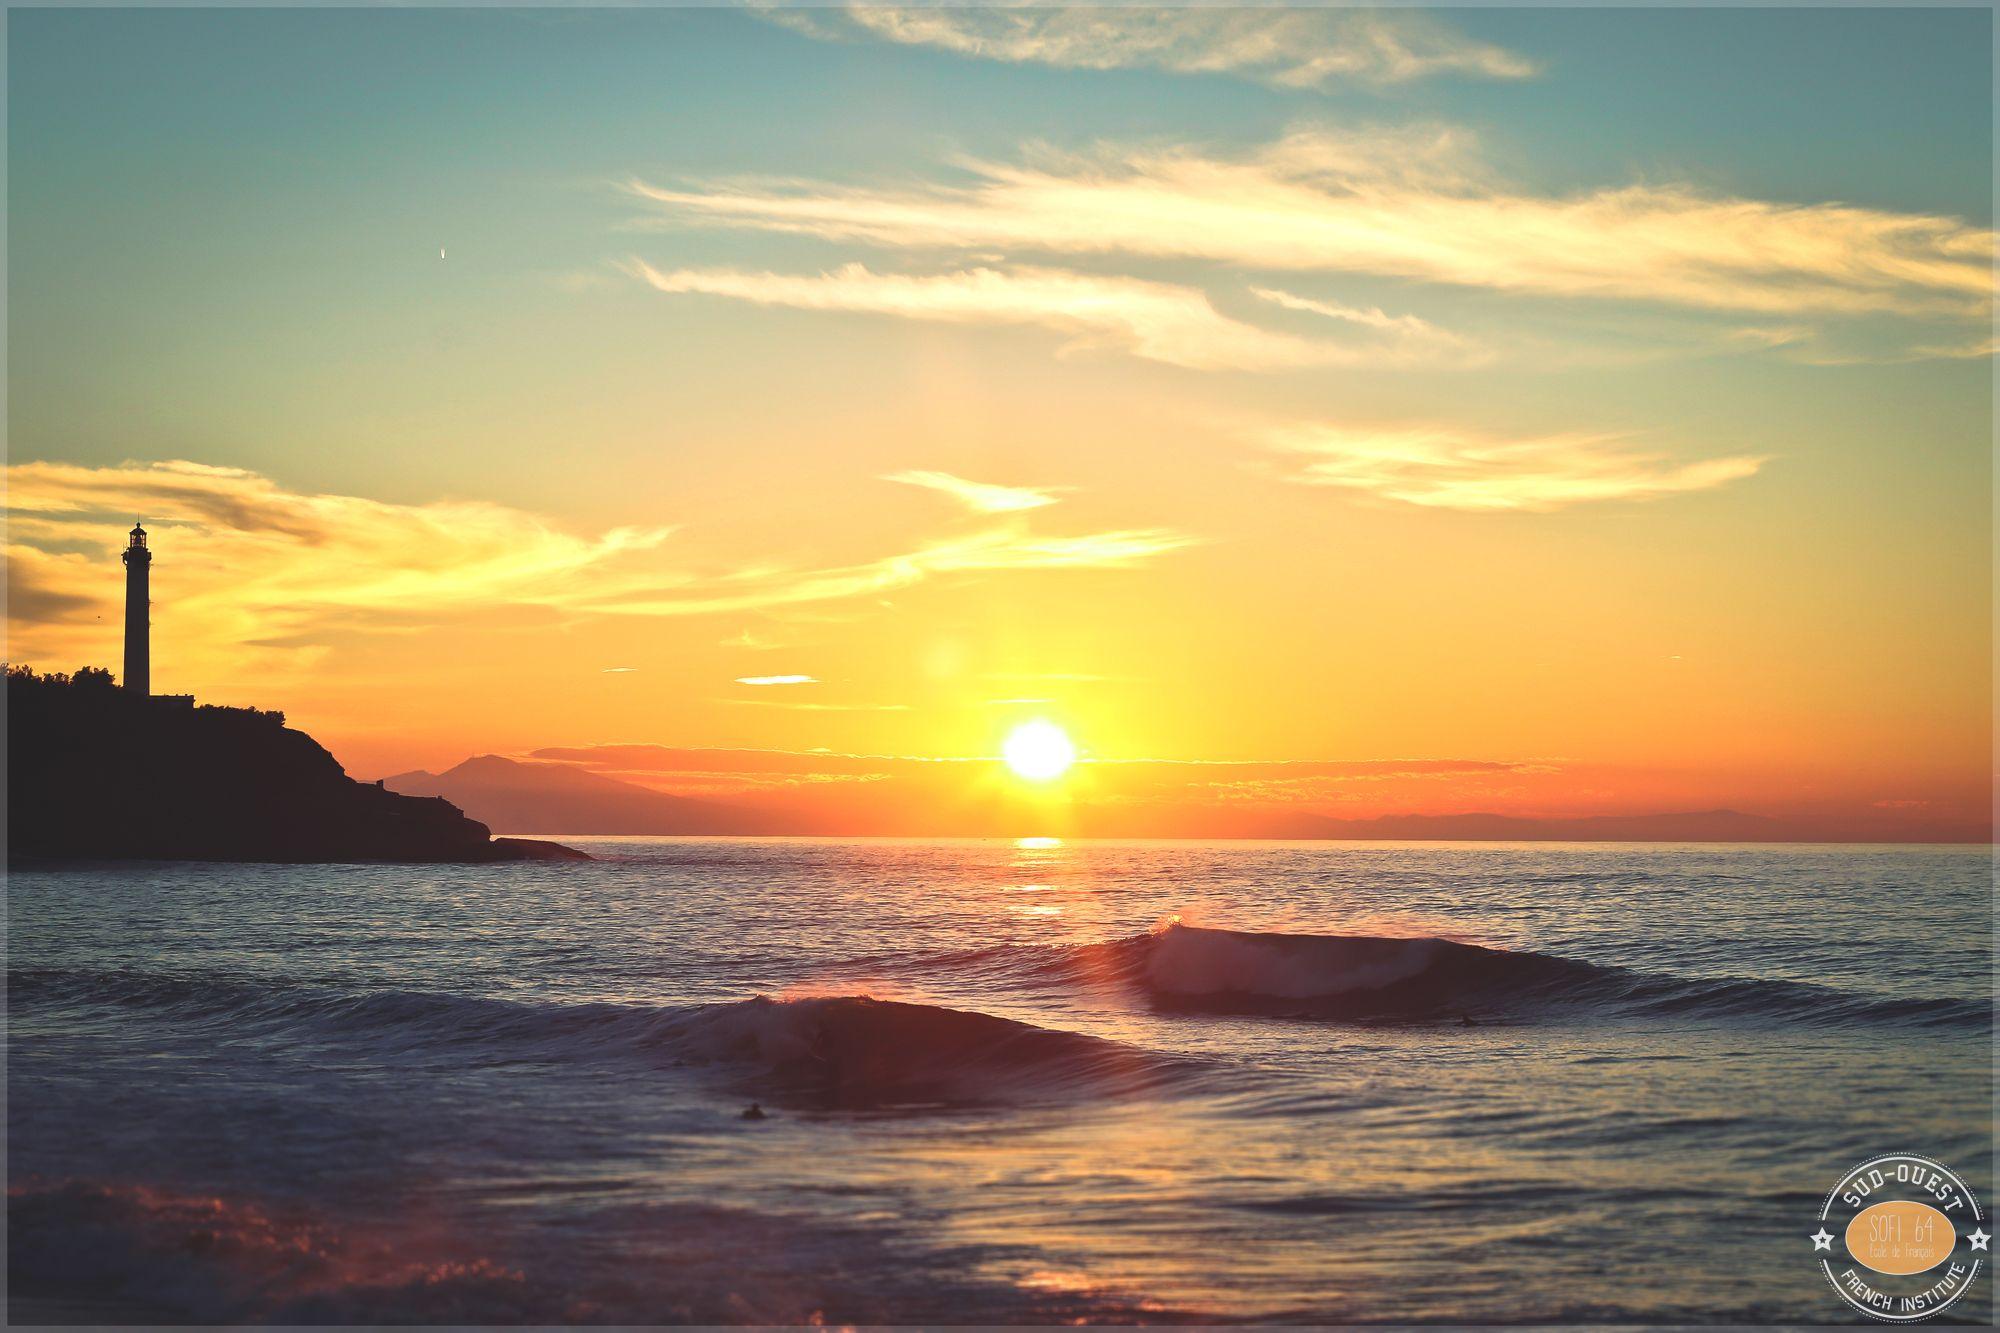 Coucher de soleil sur l 39 oc an depuis la plage de la petite chambre d 39 amour biarritz pinterest - Plage de la chambre d amour ...